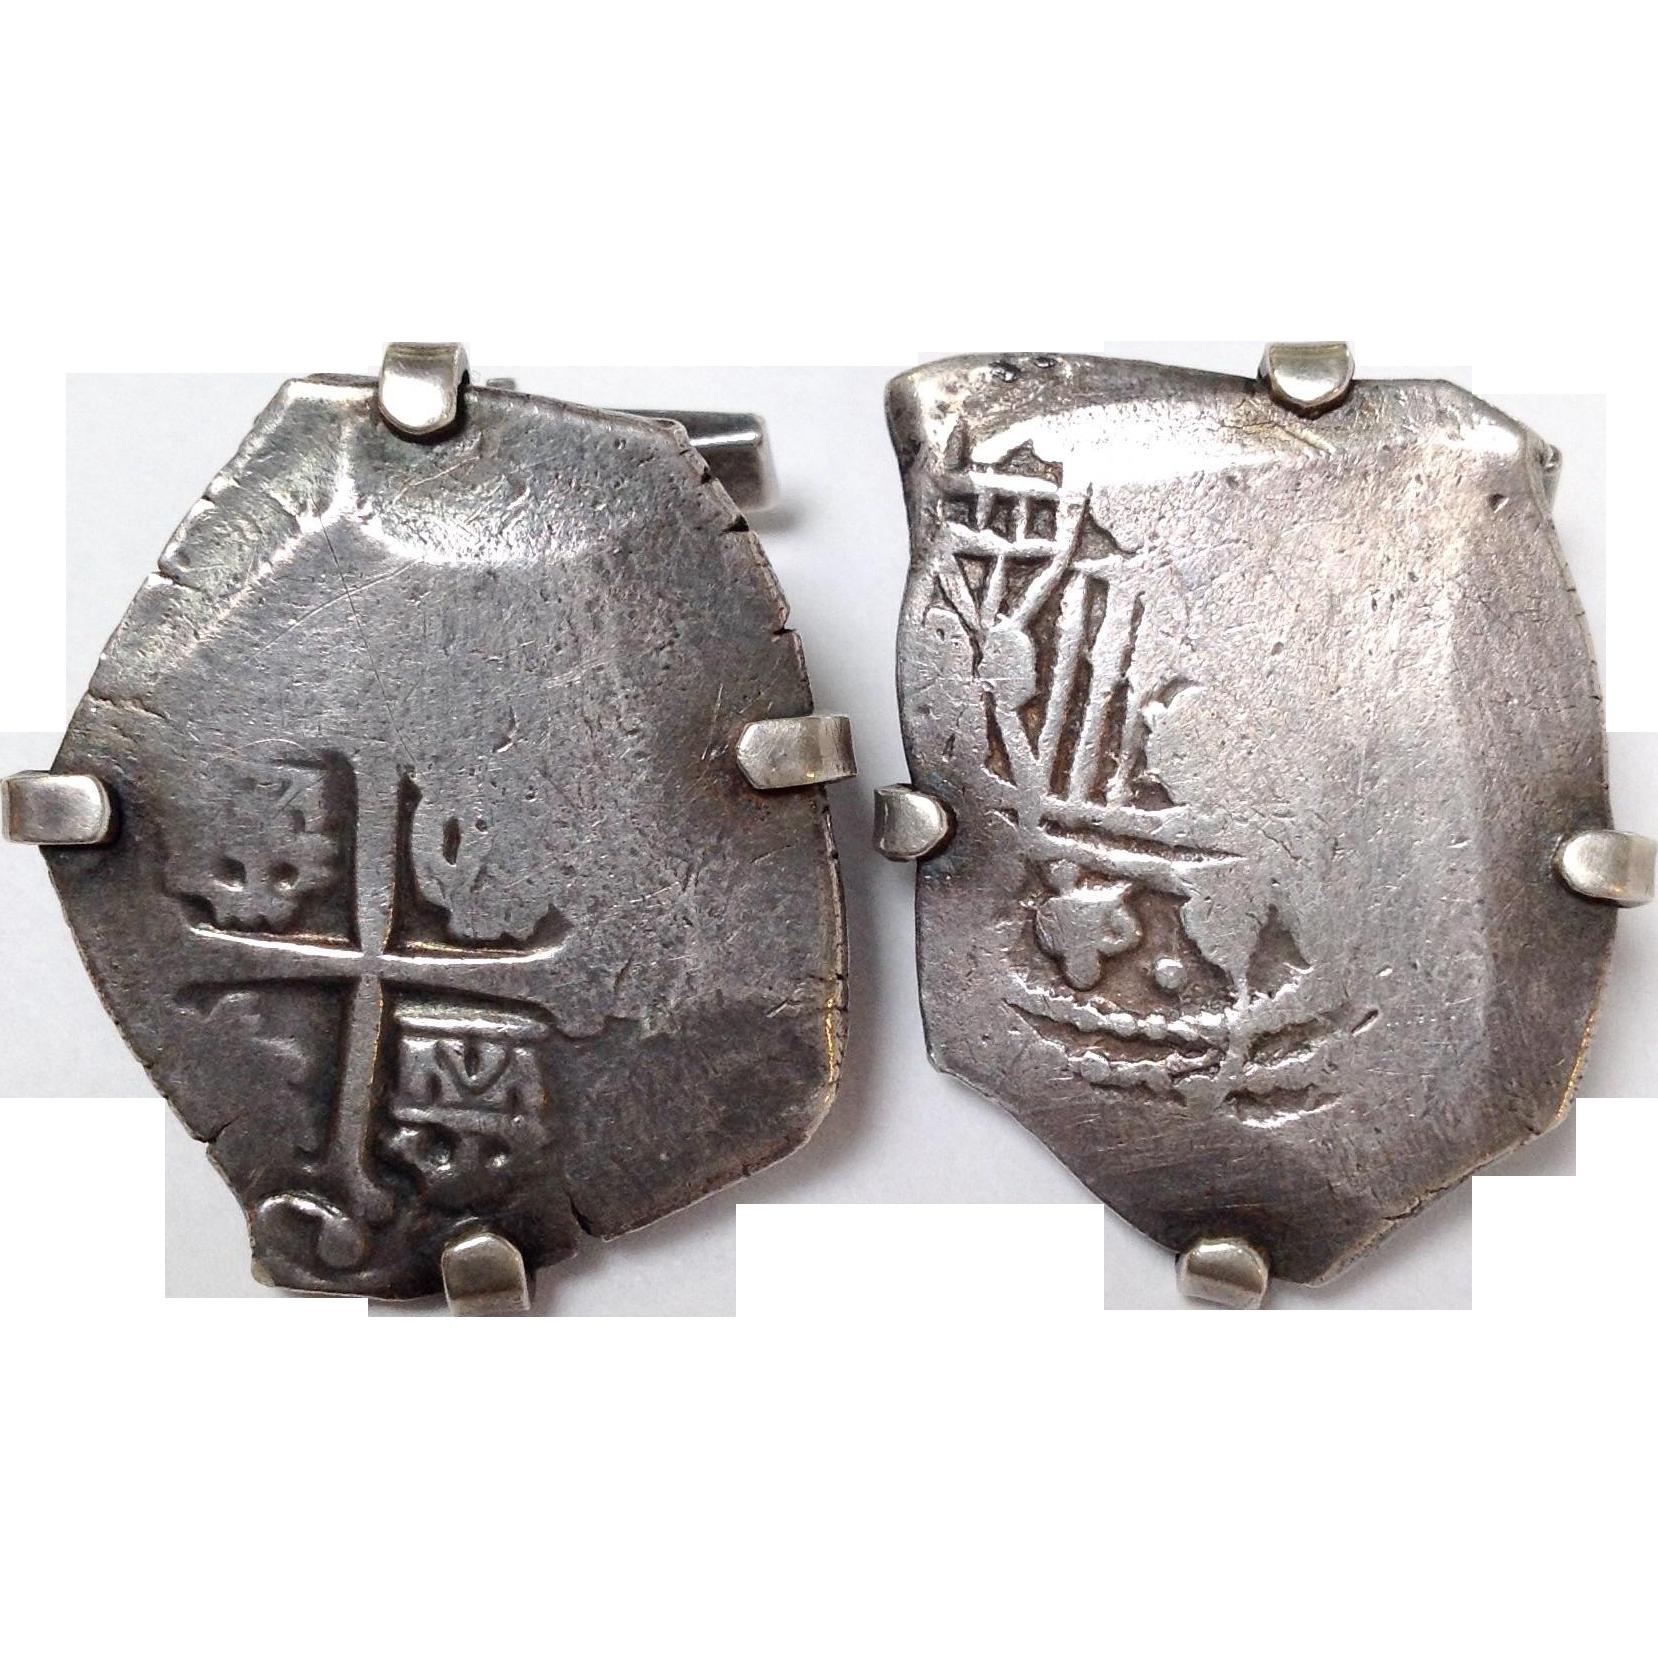 Vintage coin cufflinks